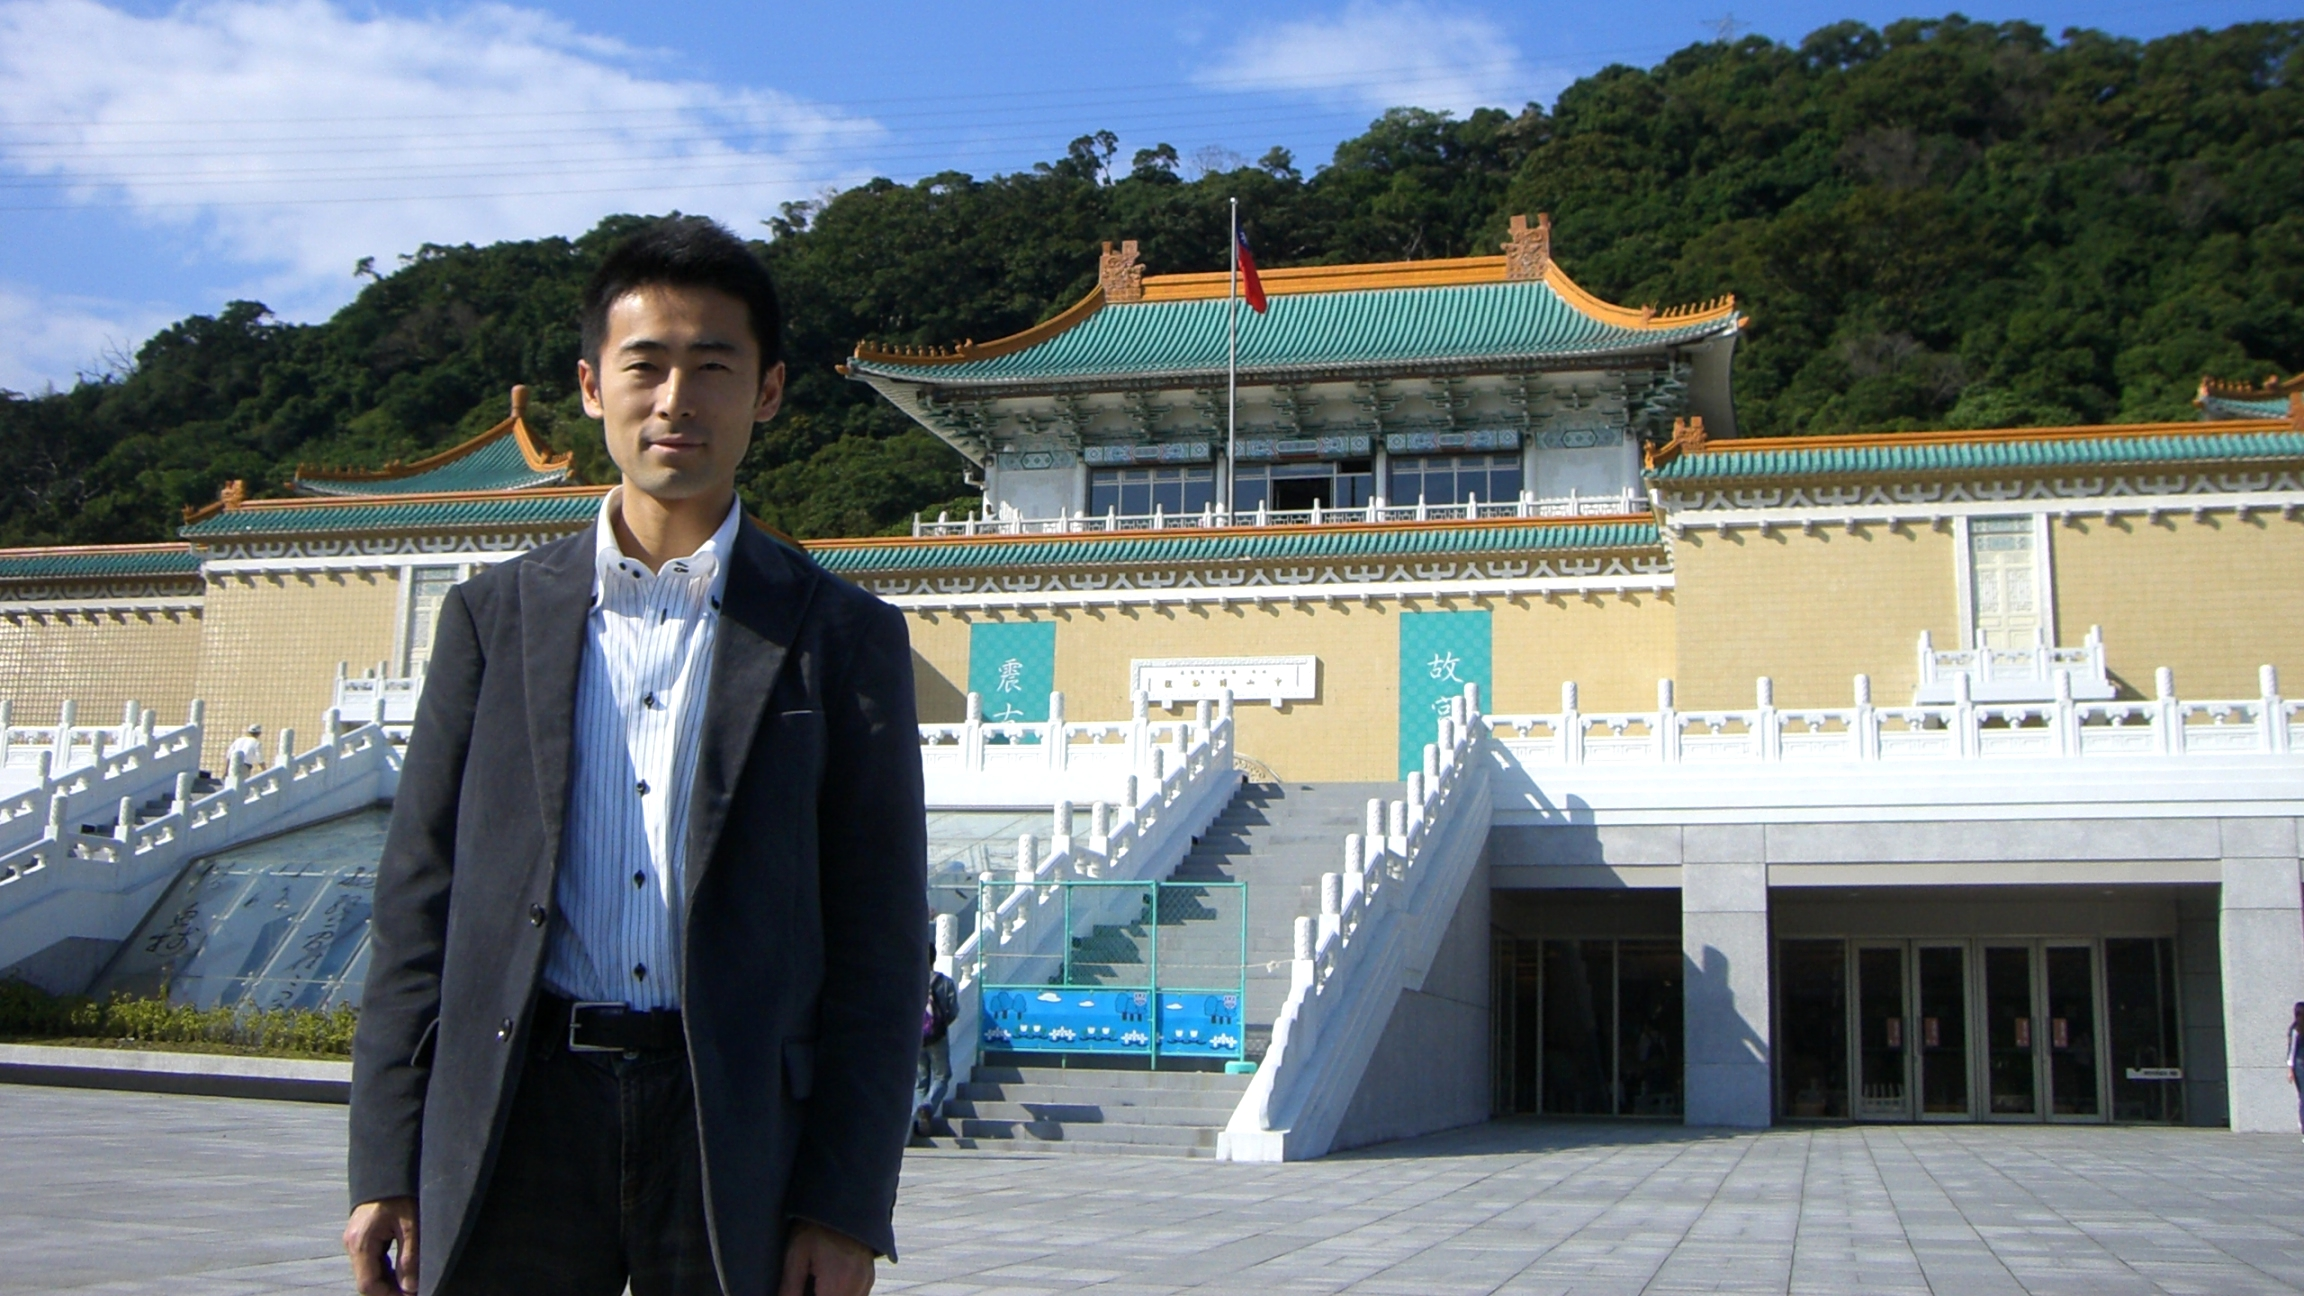 世界四大博物館の「故宮博物院」と高層ビルで有名な「台北101」へ!